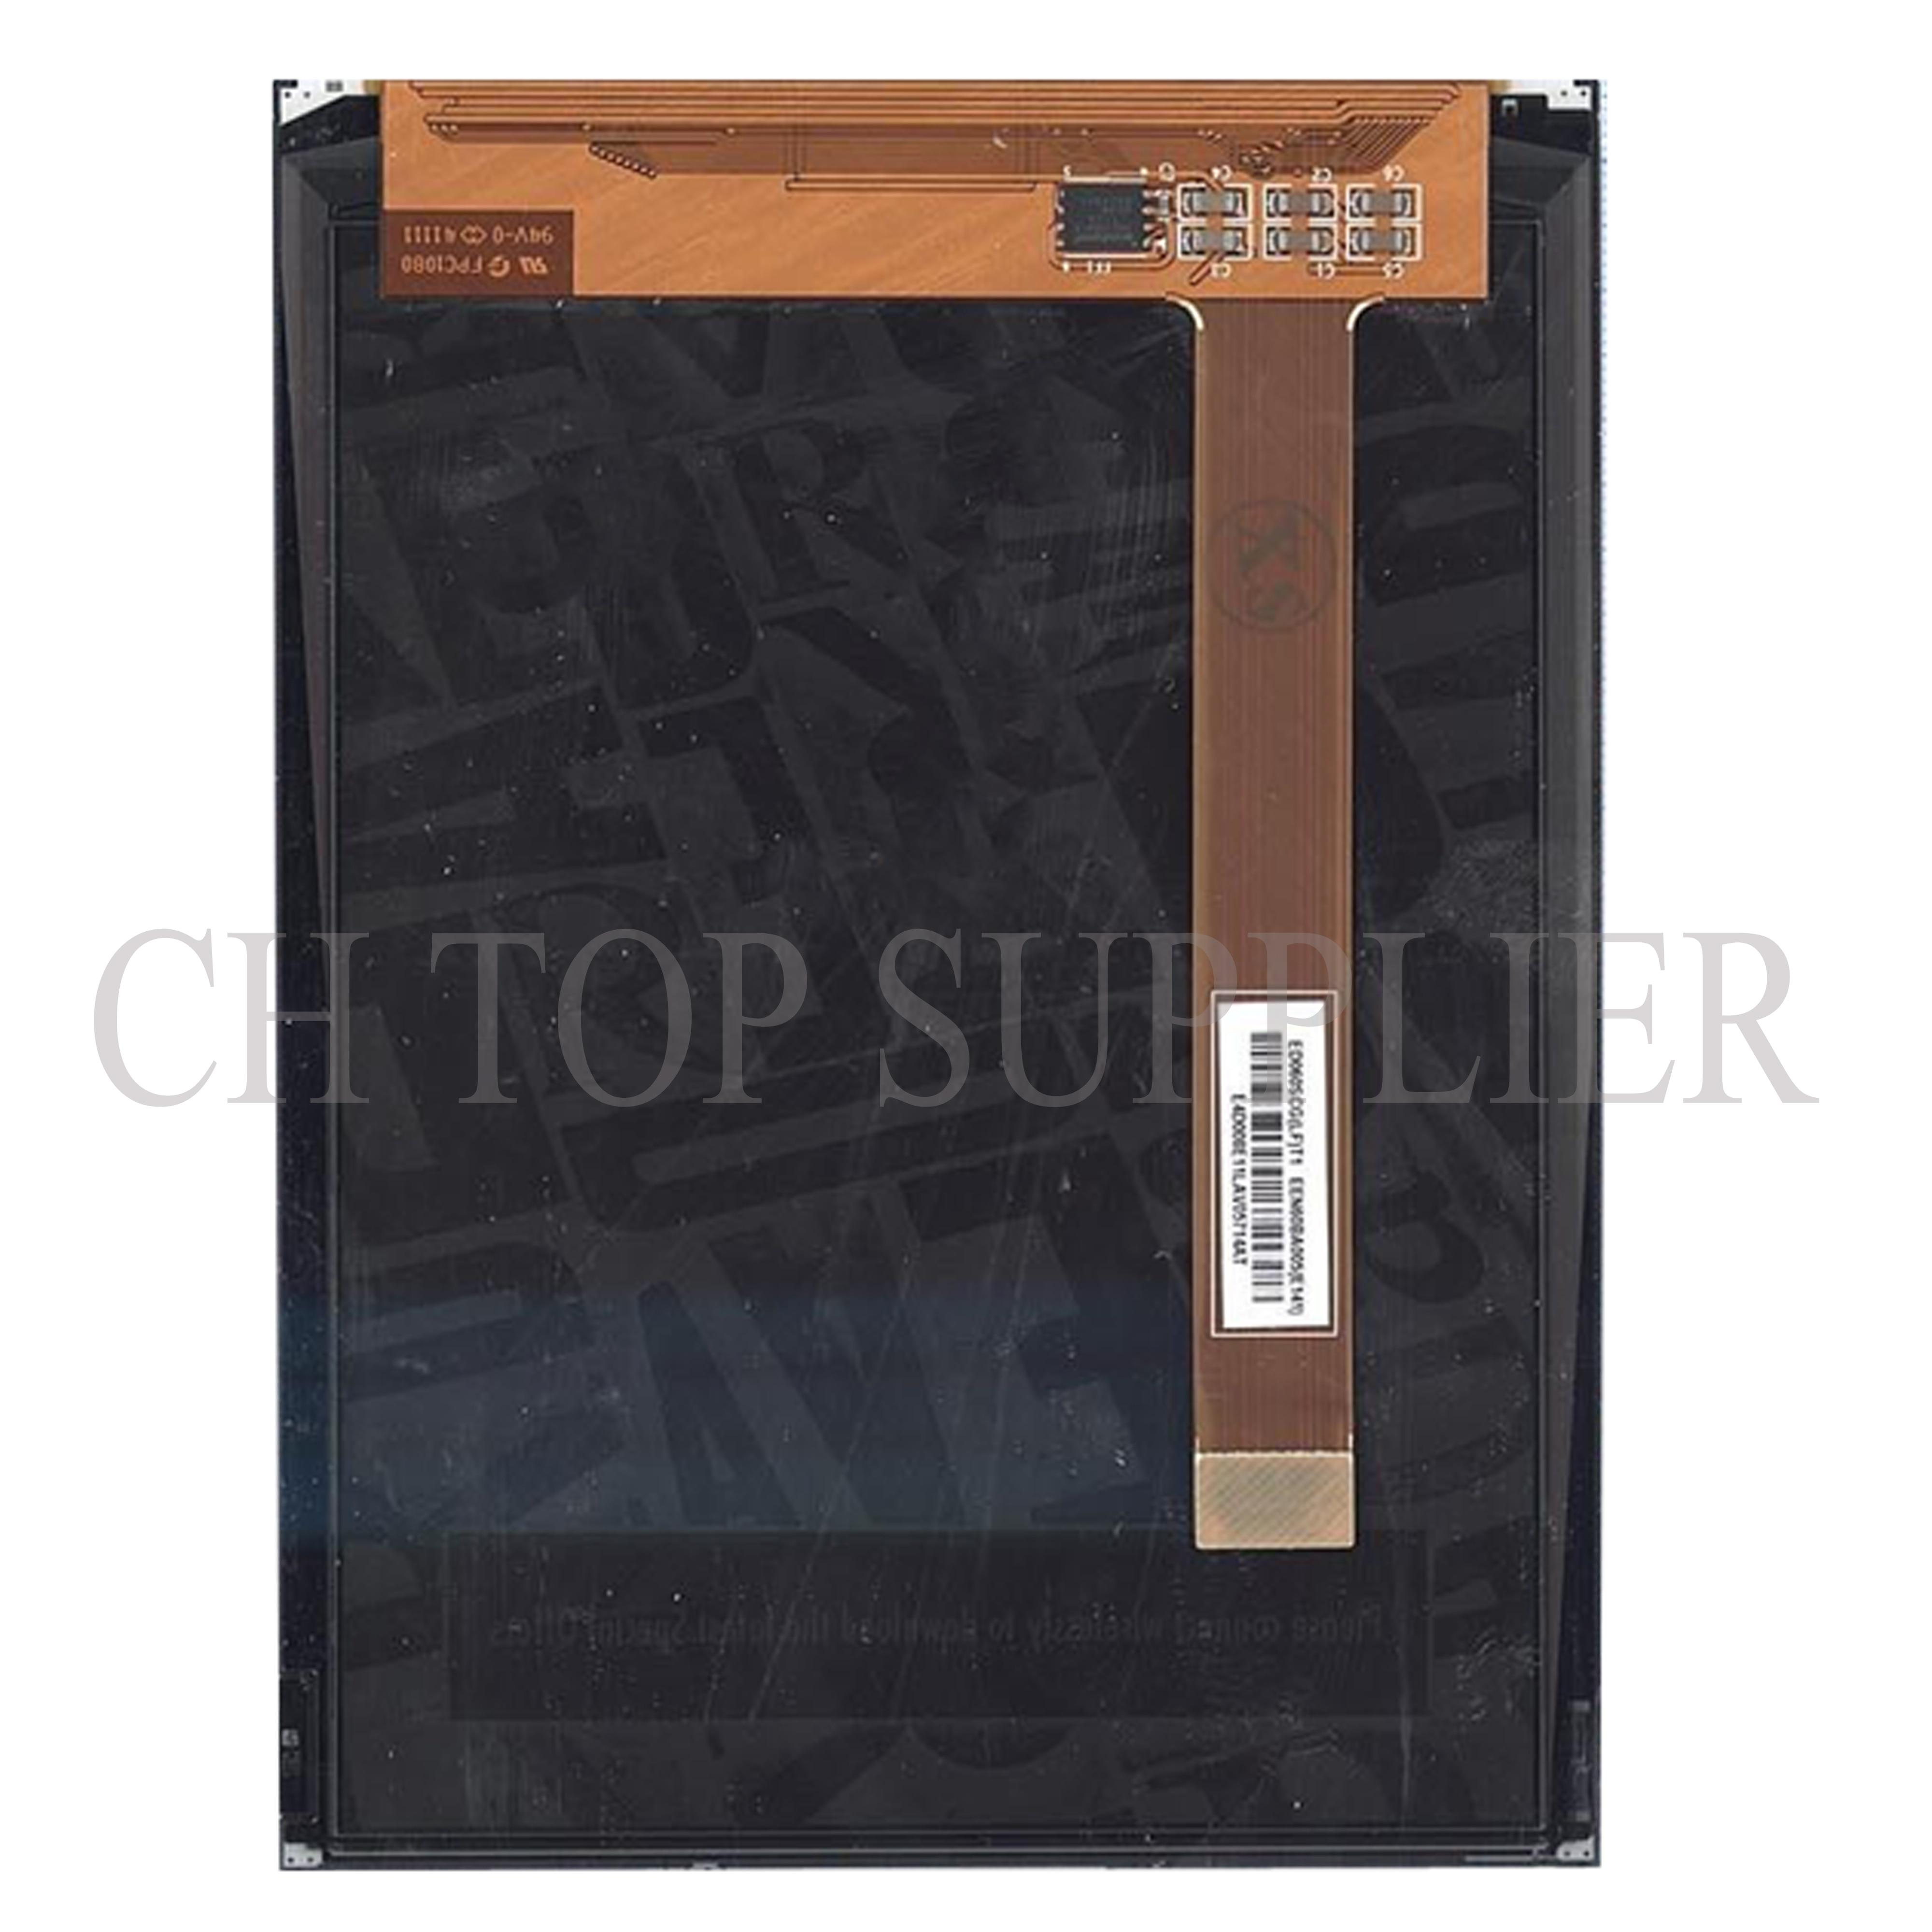 6-дюймовый ЖК-дисплей для PocketBook 614 основные 3 электронные считыватели Матрица для Pocketbook 614 plus без подсветки